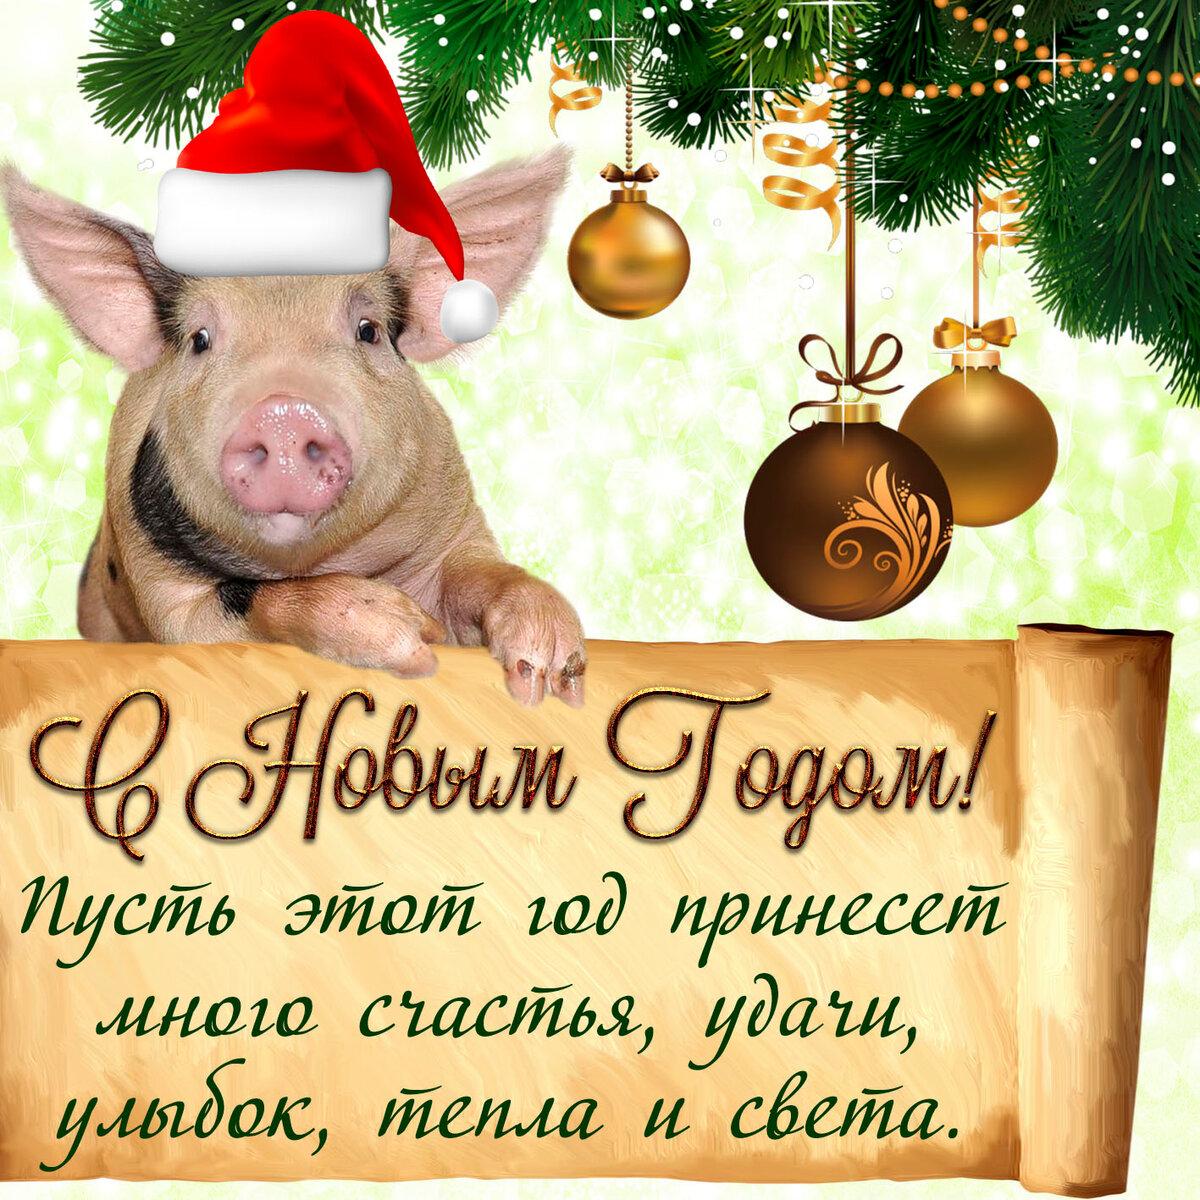 Поздравление в новый год свиньи